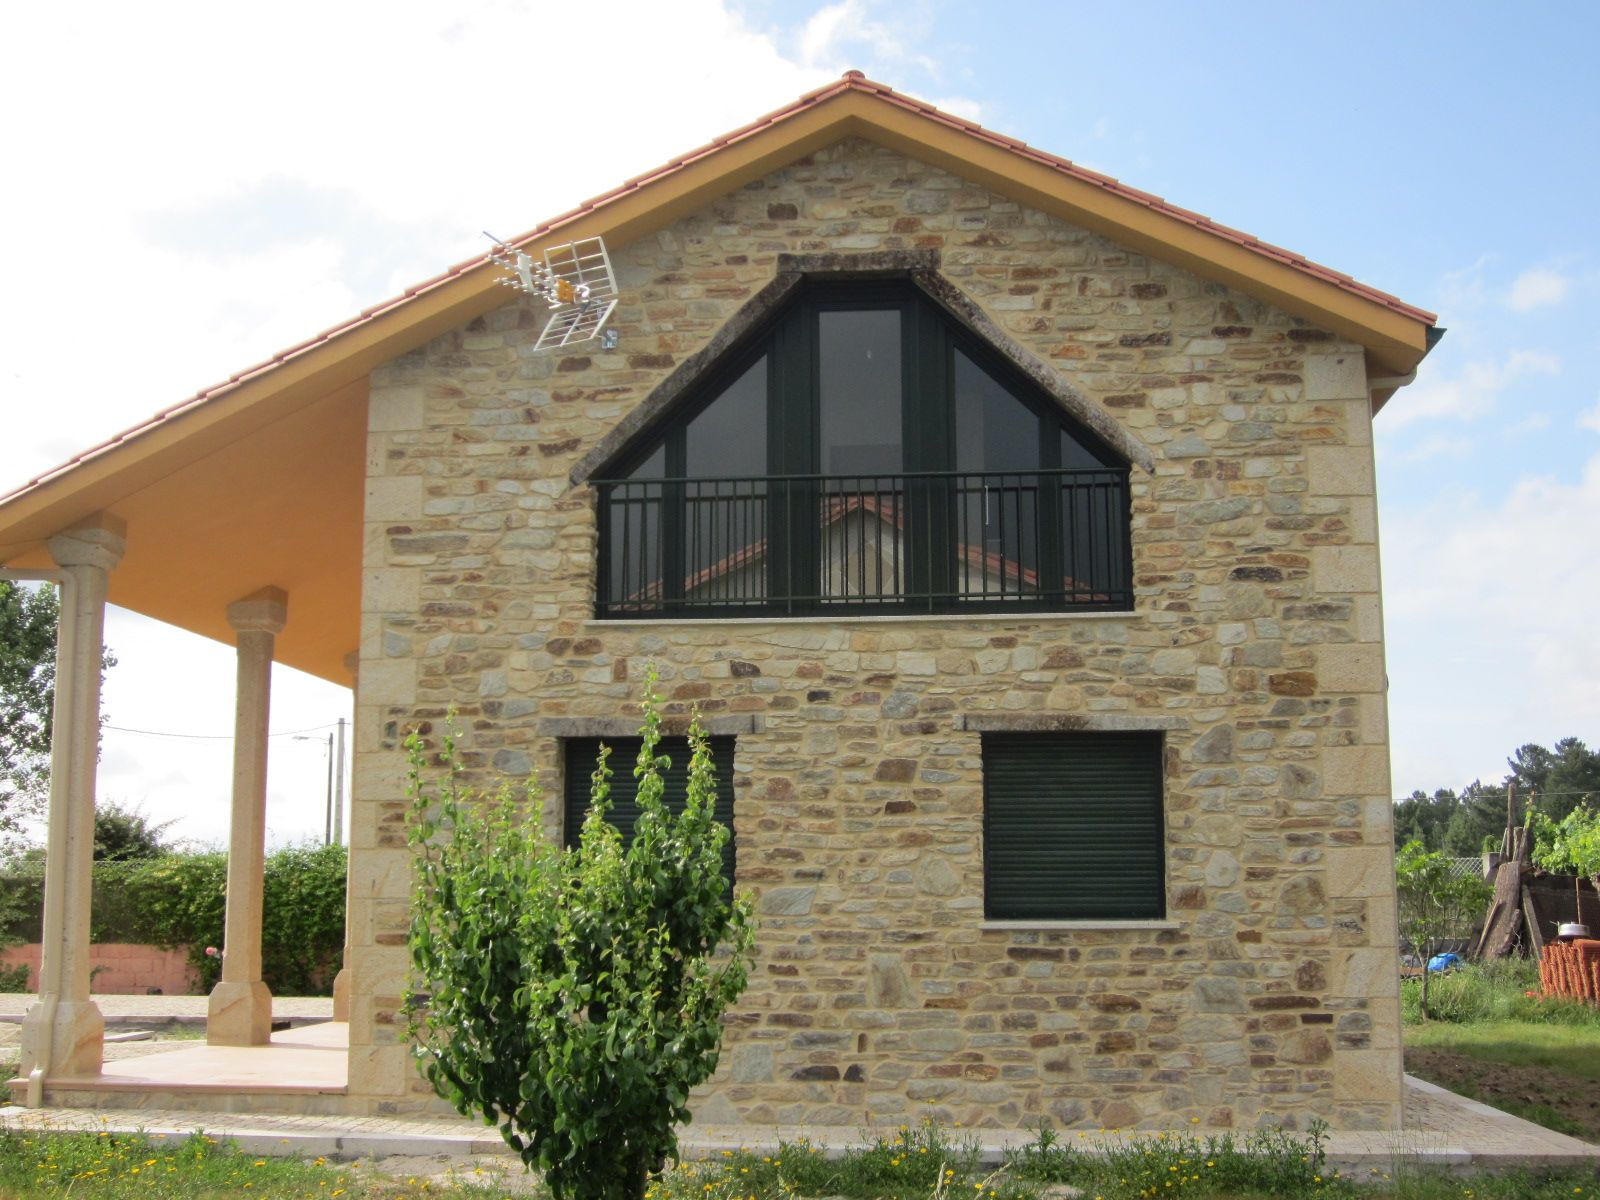 Cmera especialistas en construccion de casas modernas y casas r sticas expertos en proyectos - Construccion de casas modernas ...